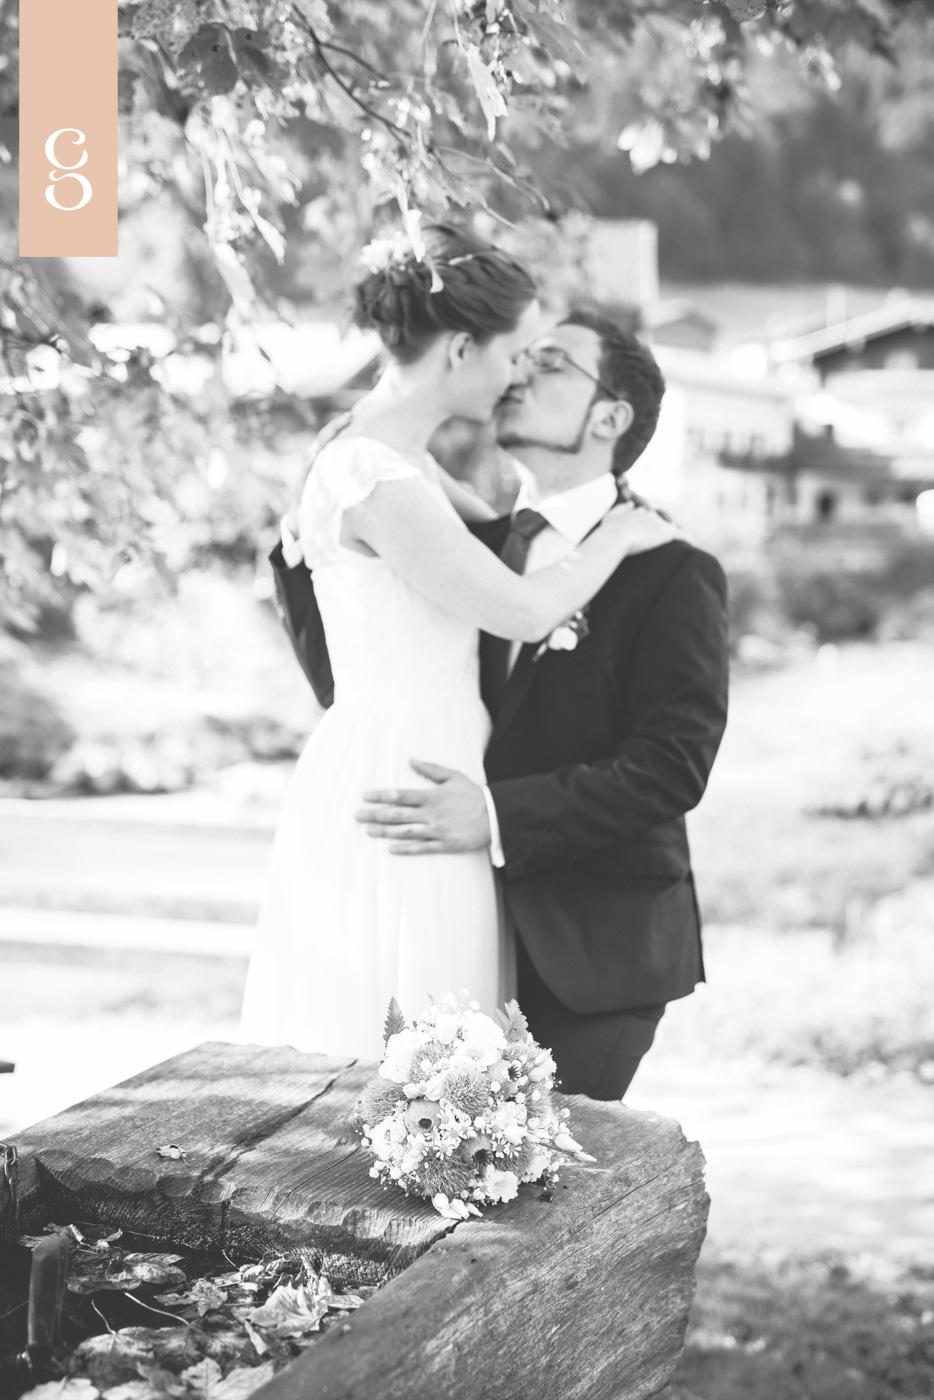 Fotograf_Goettges_Hochzeit_Wedding_Ramsau_Hintersee_Hirschbichl_Berchtesgaden_Hochzeitsfotograf